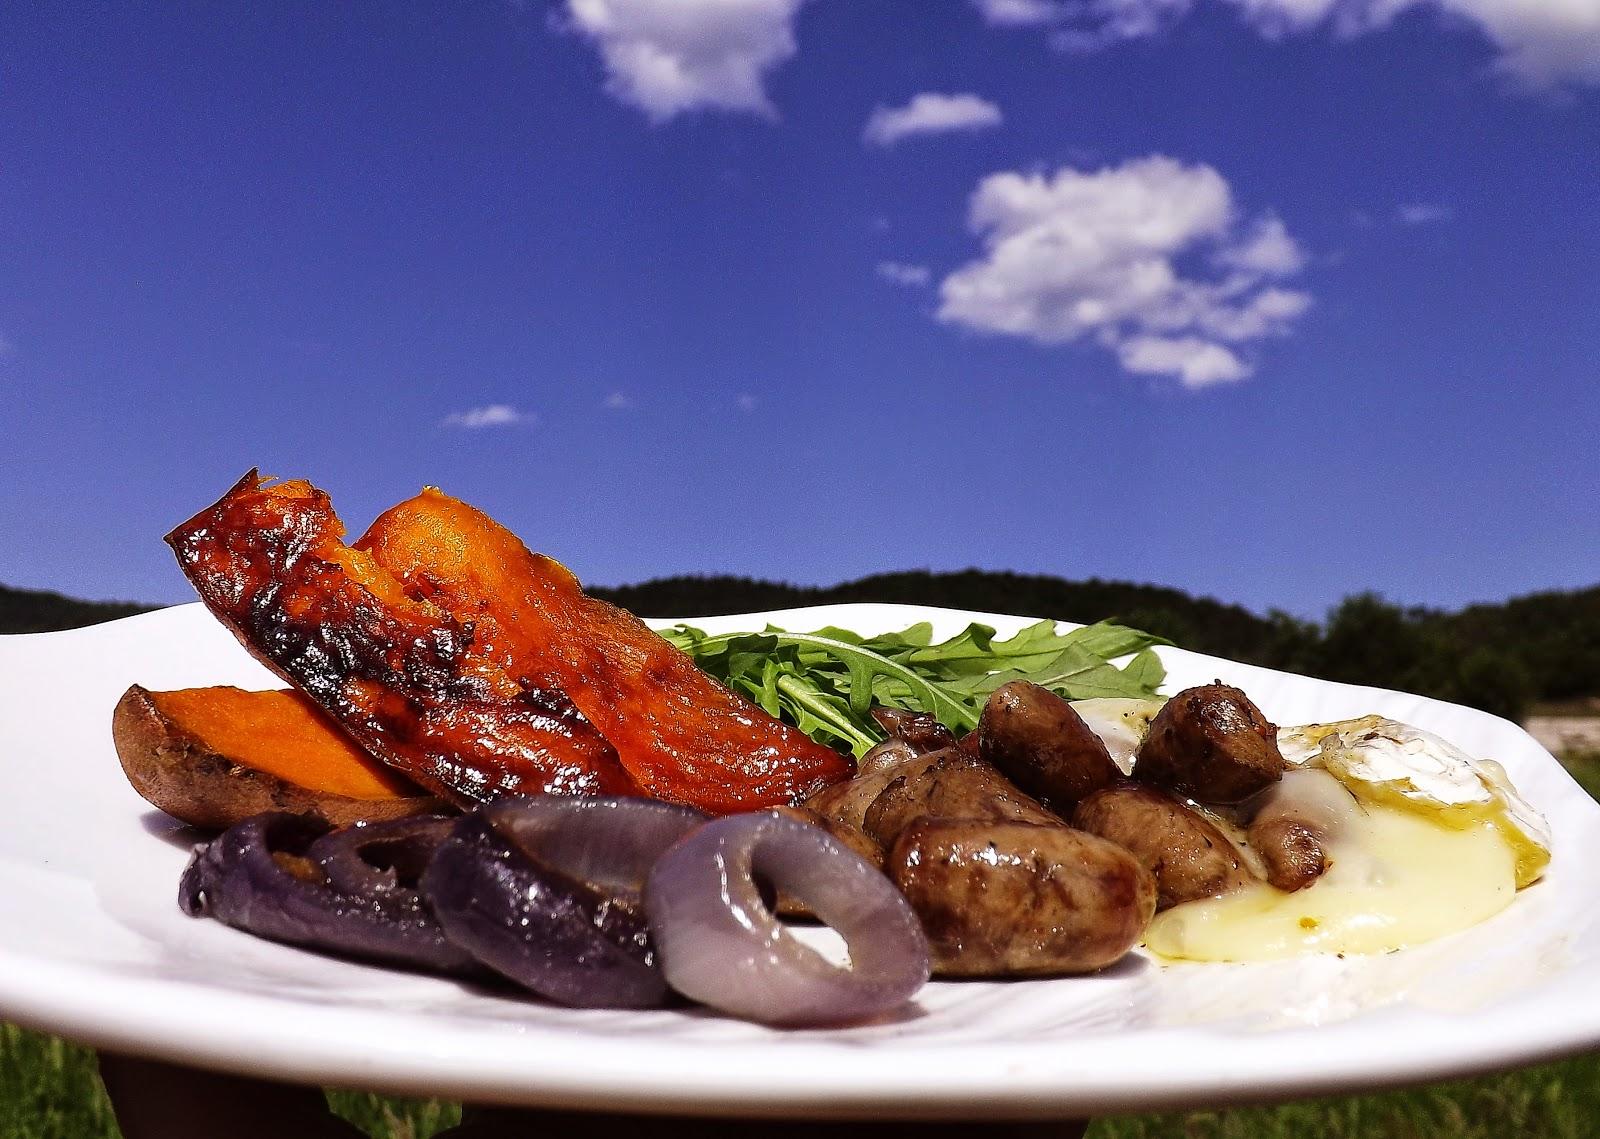 Grillowany batat z cebulą czerwoną i sercami z kurczaka w serze camembert